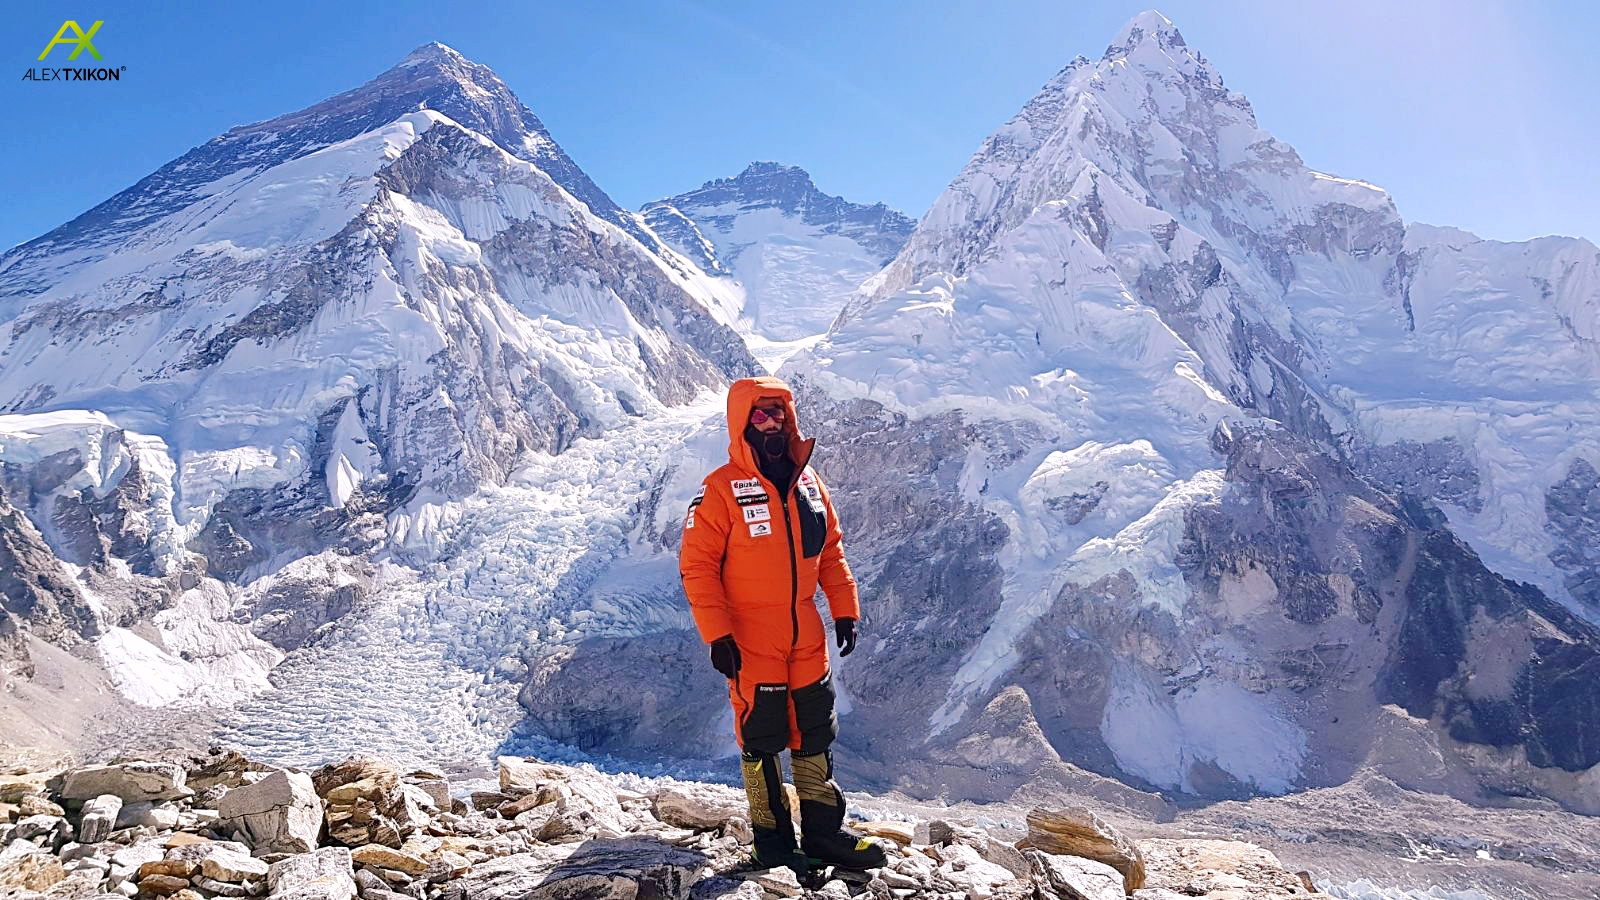 Everest Invernal: La expedición Alex Txikon arranca mañana su asalto a cima